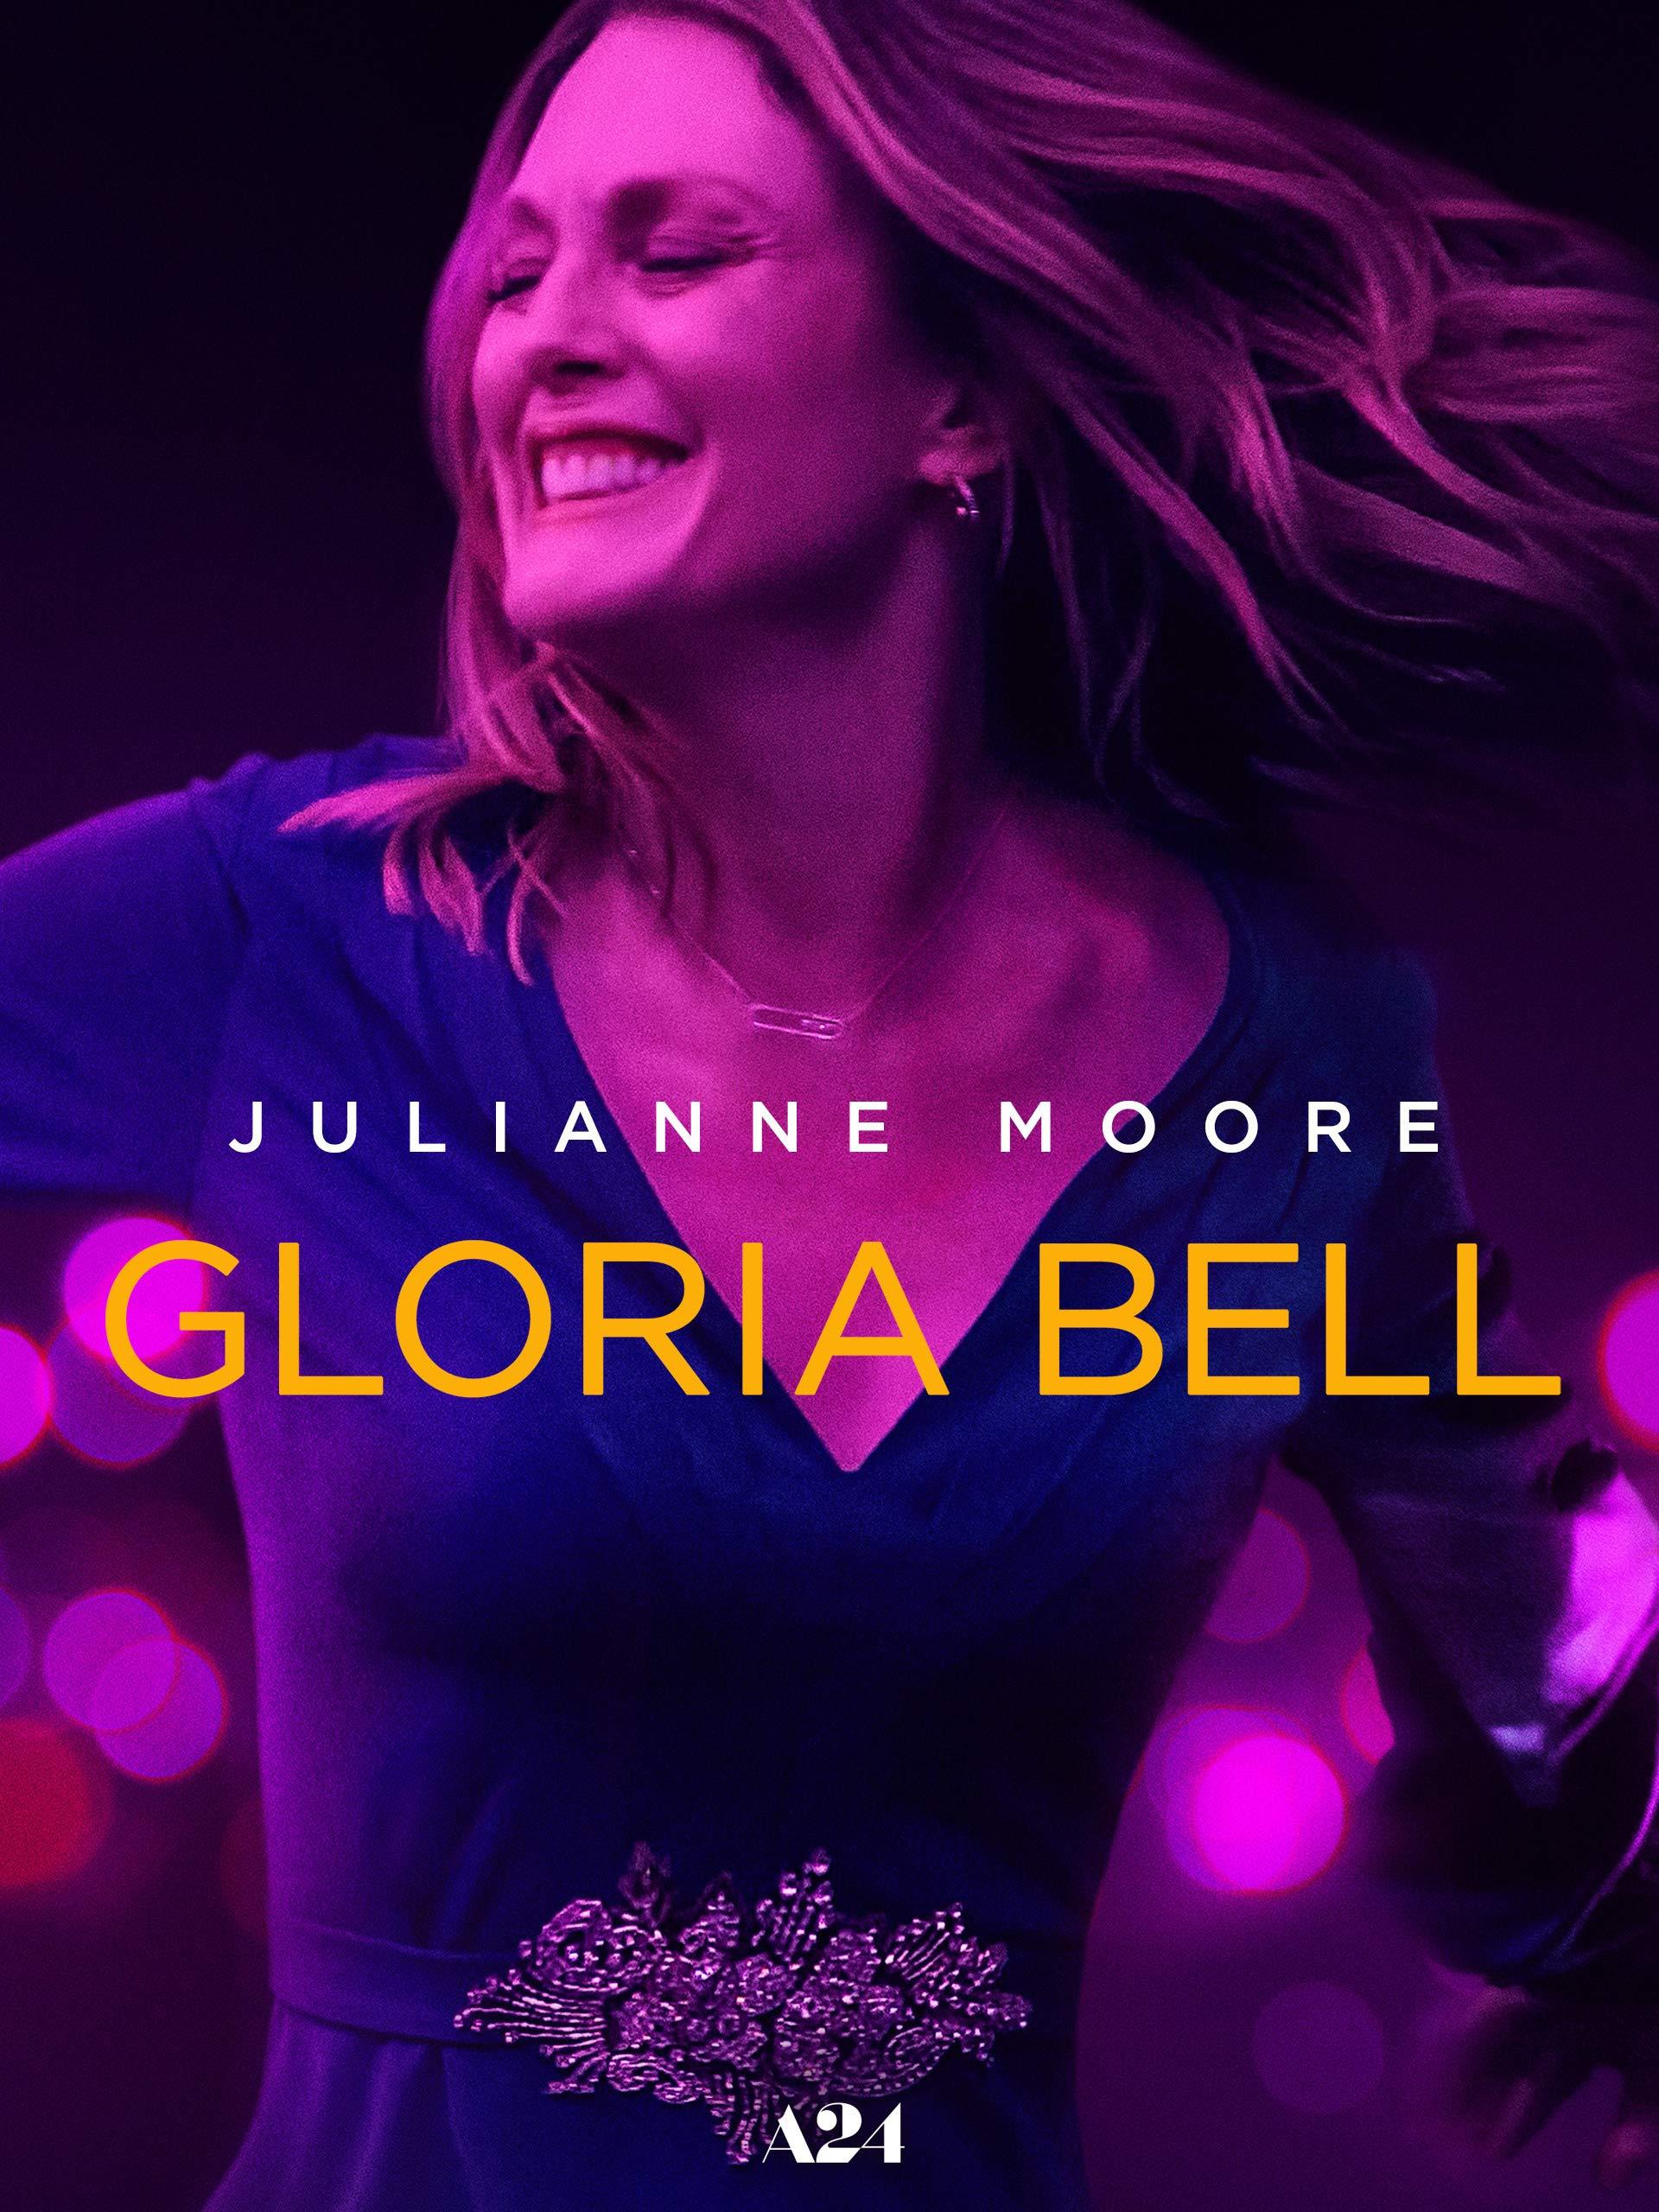 phim lãng mạn-gloria bell